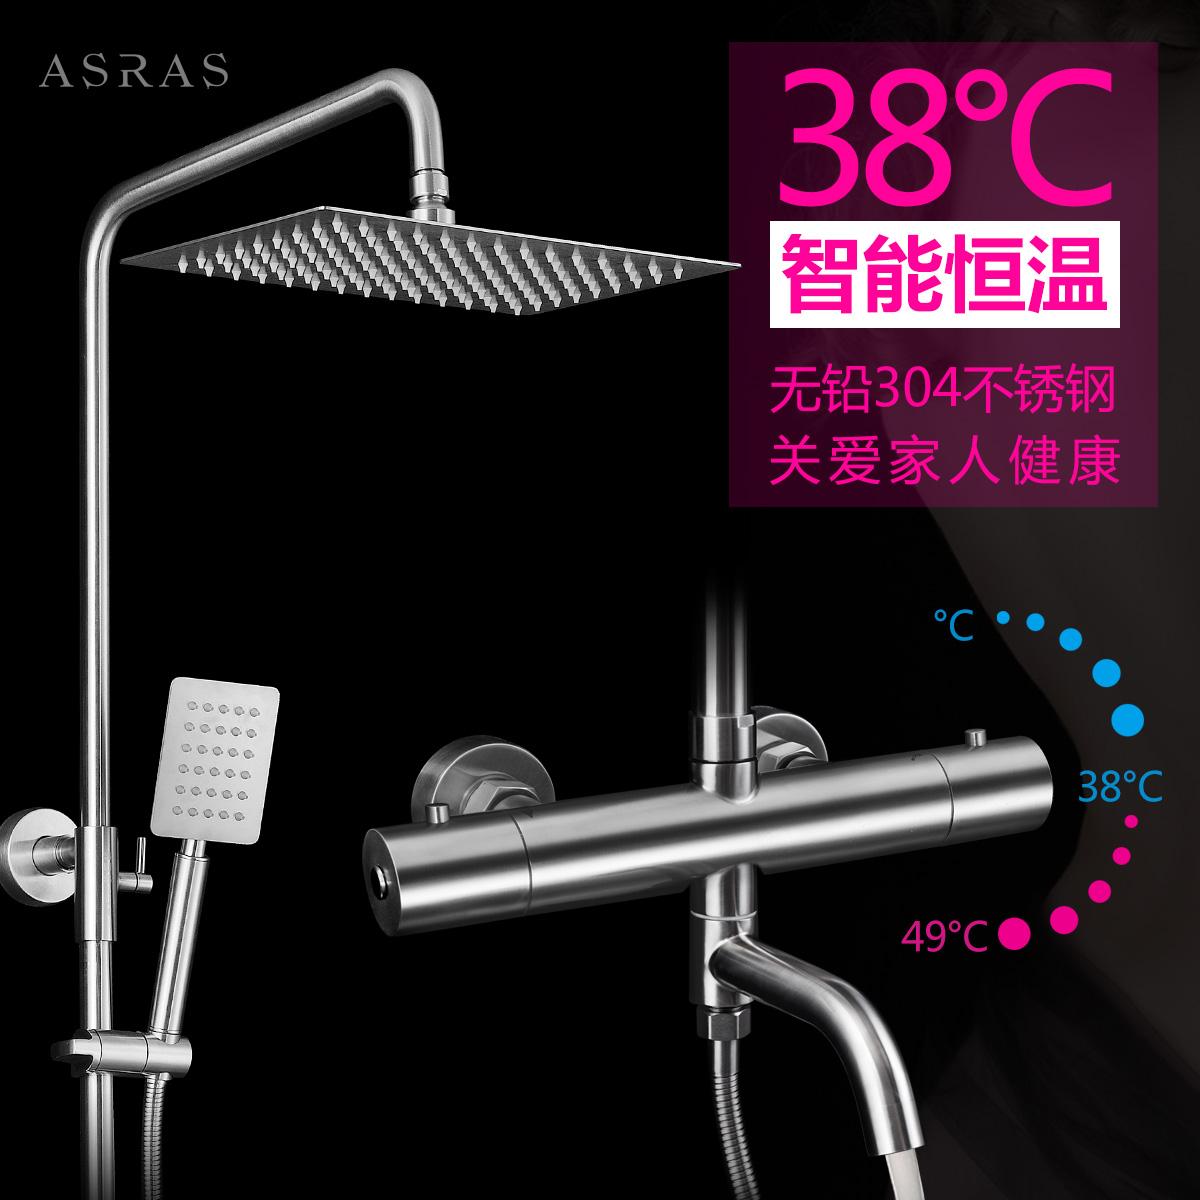 阿萨斯恒温304不锈钢淋浴花洒AS-9056